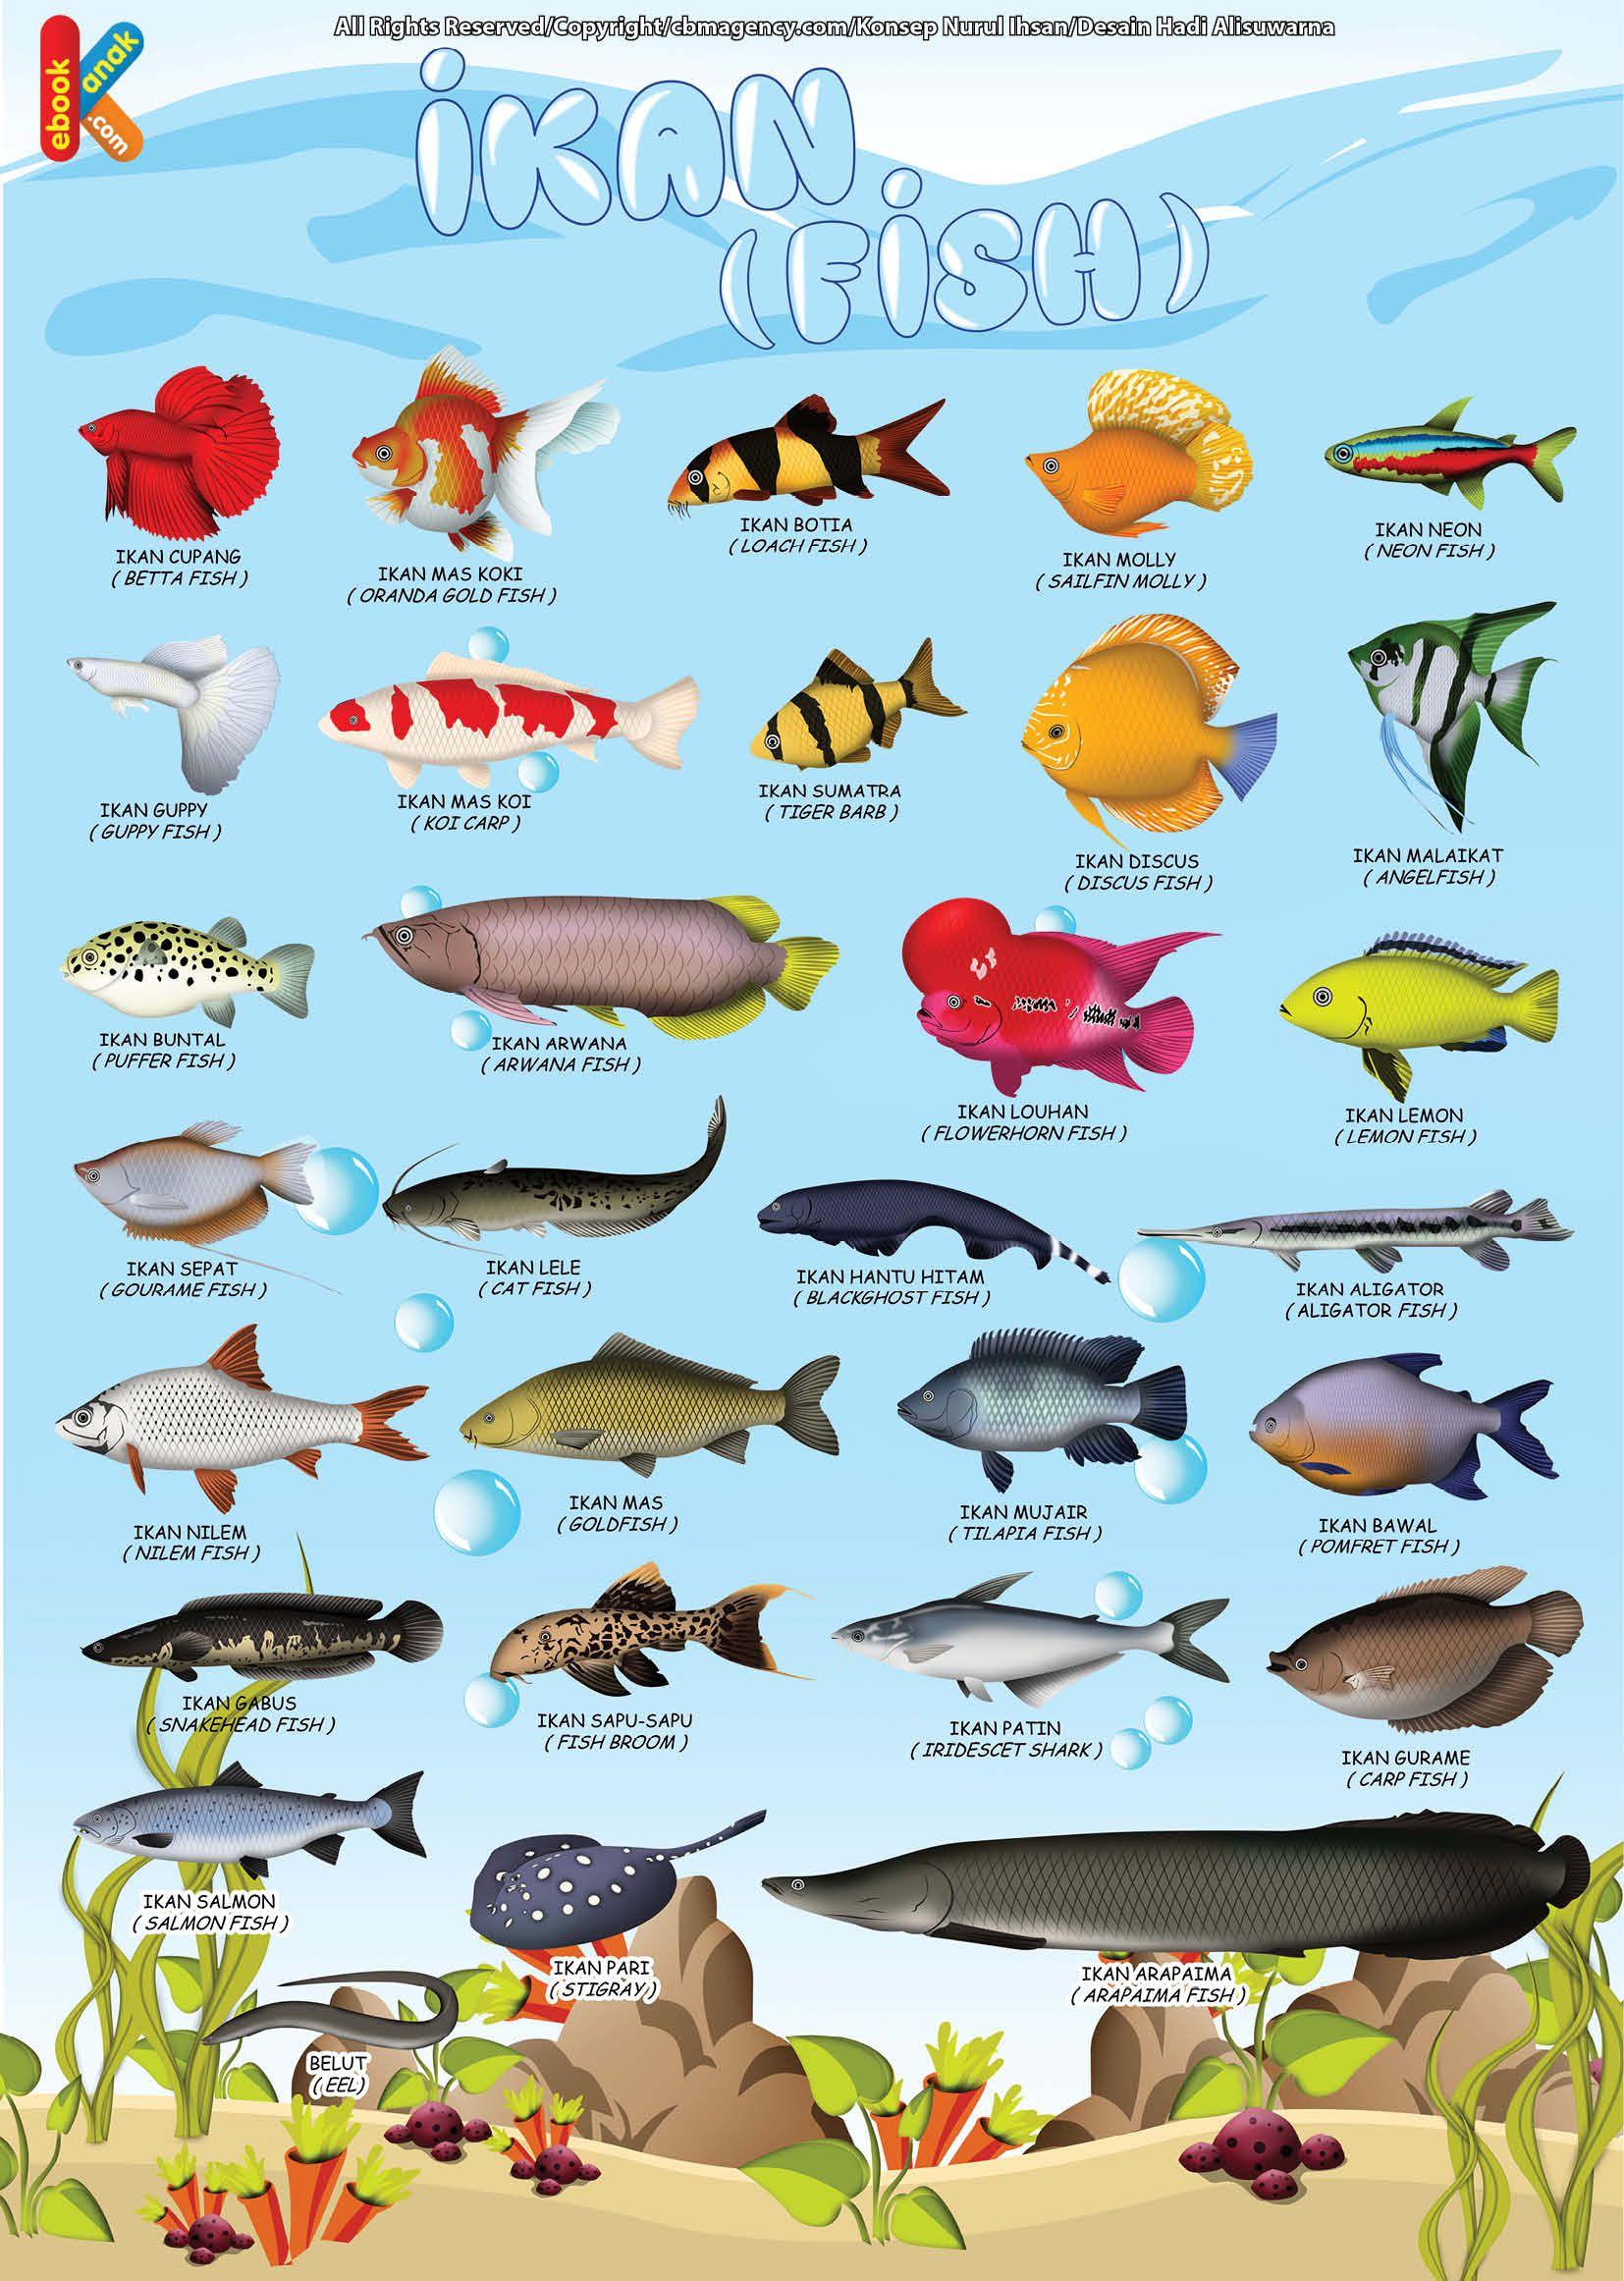 Poster Belajar Mengenal Ikan 2 Bahasa Ikan, Poster